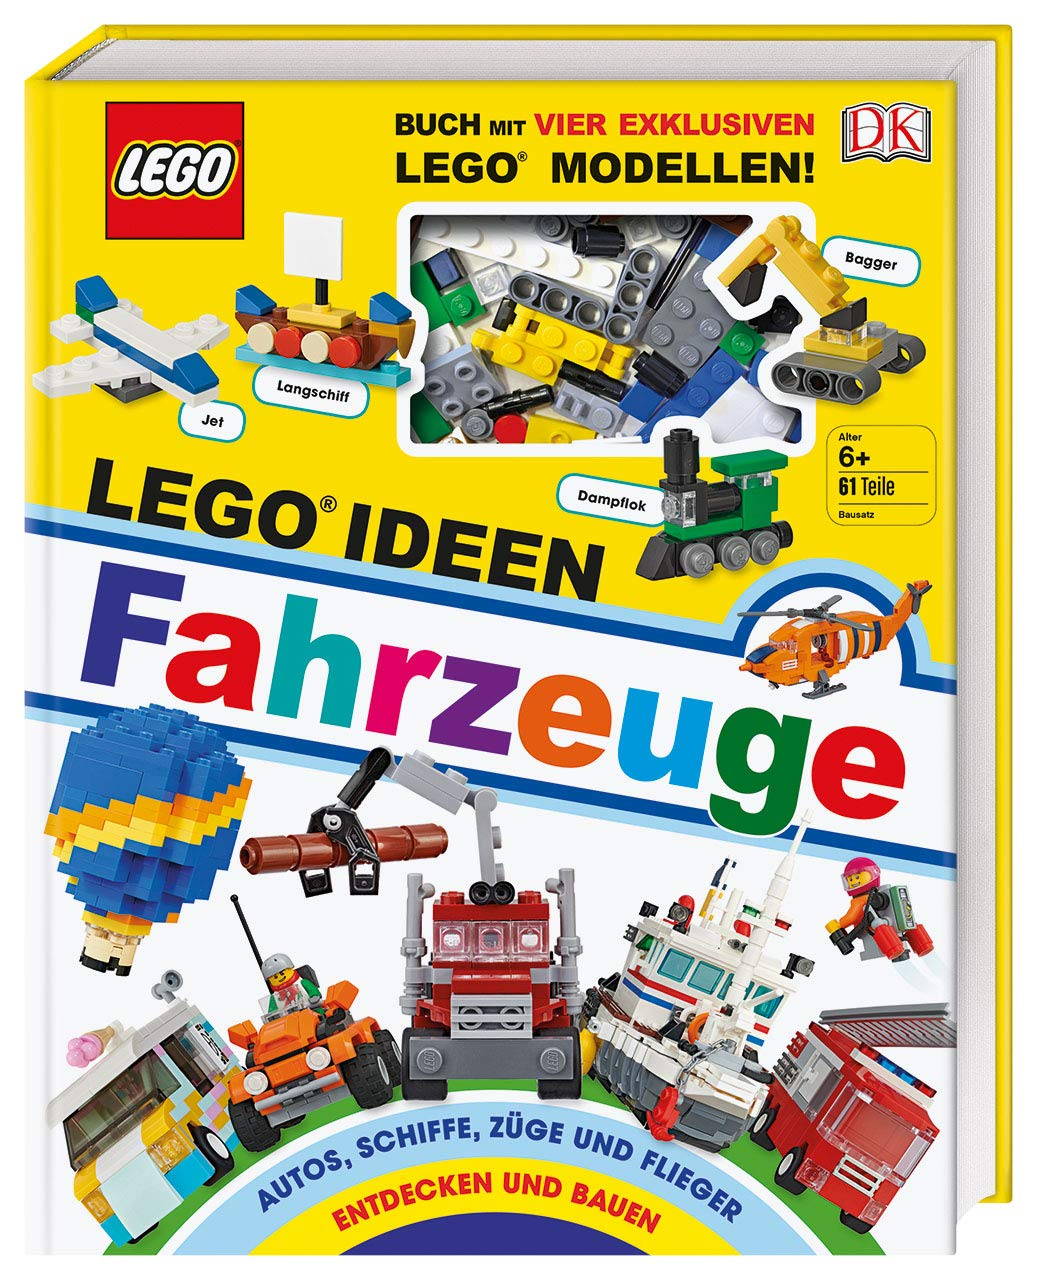 Lego Ideen.Lego Ideen Fahrzeuge Buch Mit Vier Exklusiven Lego